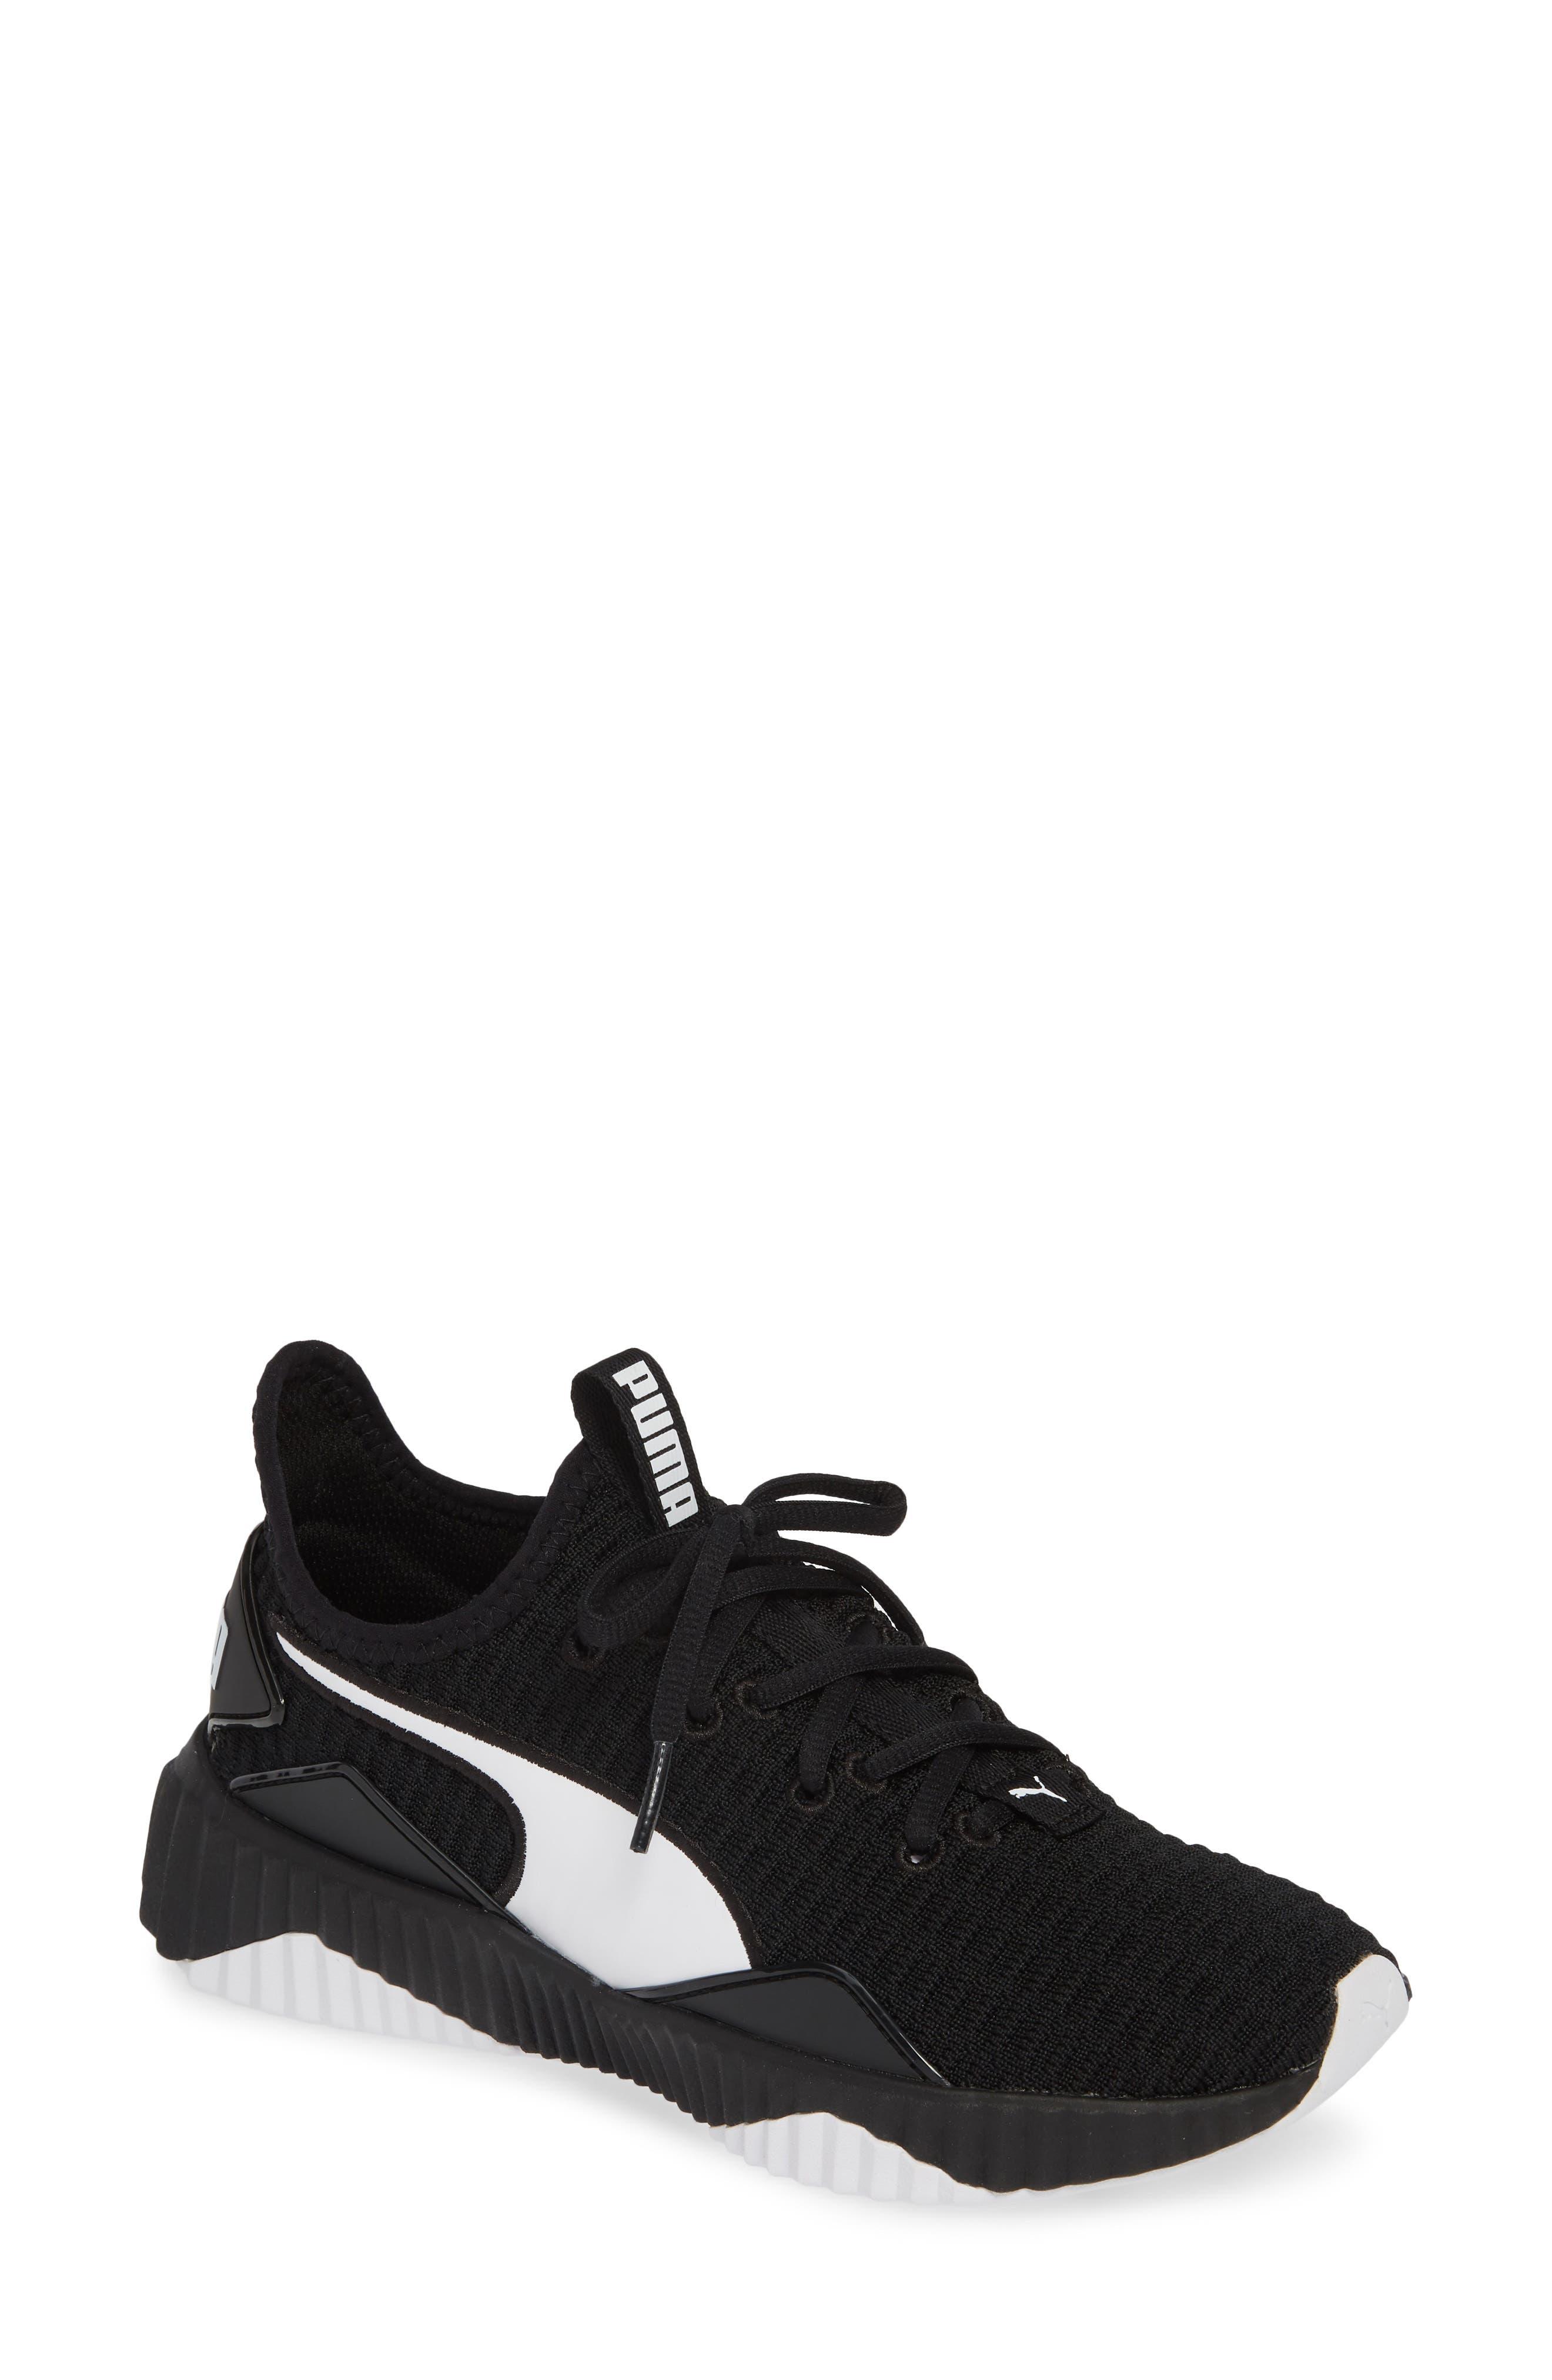 PUMA Defy Sneaker, Main, color, BLACK/ WHITE